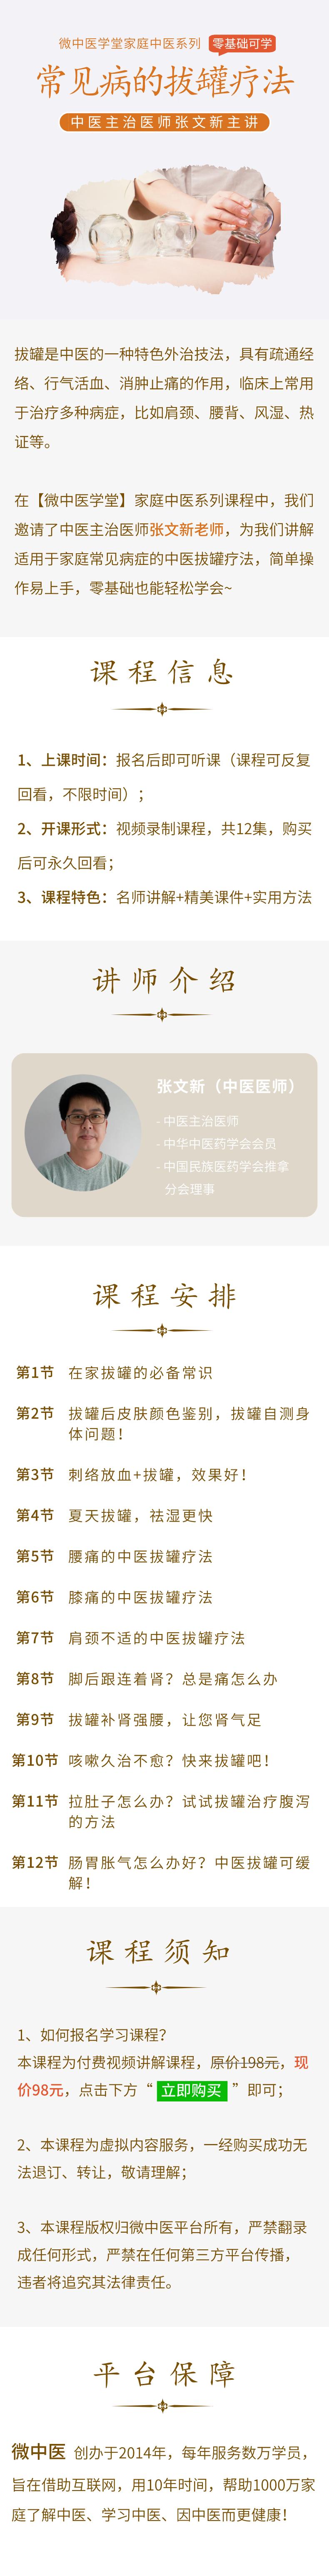 家庭中医2拔罐-张文新.png